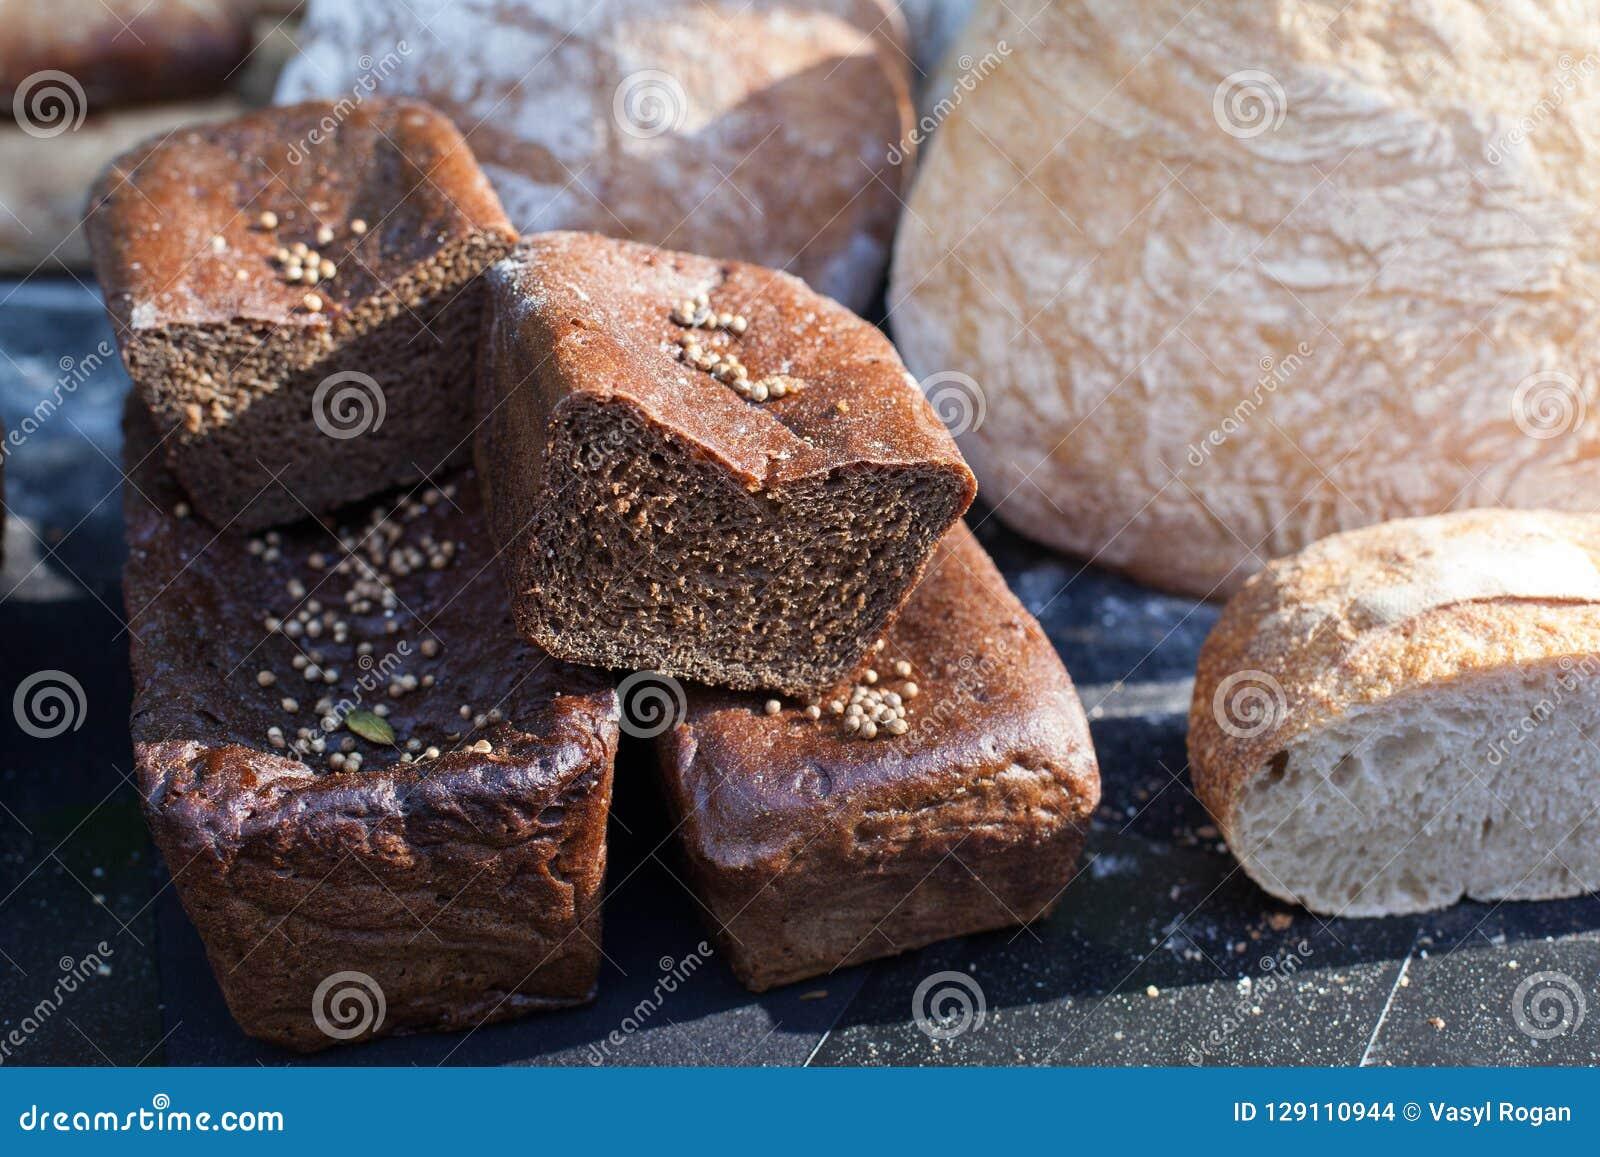 Delicious homemade black bread. Borodinsky bread is a traditional Russian rye-wheat bread